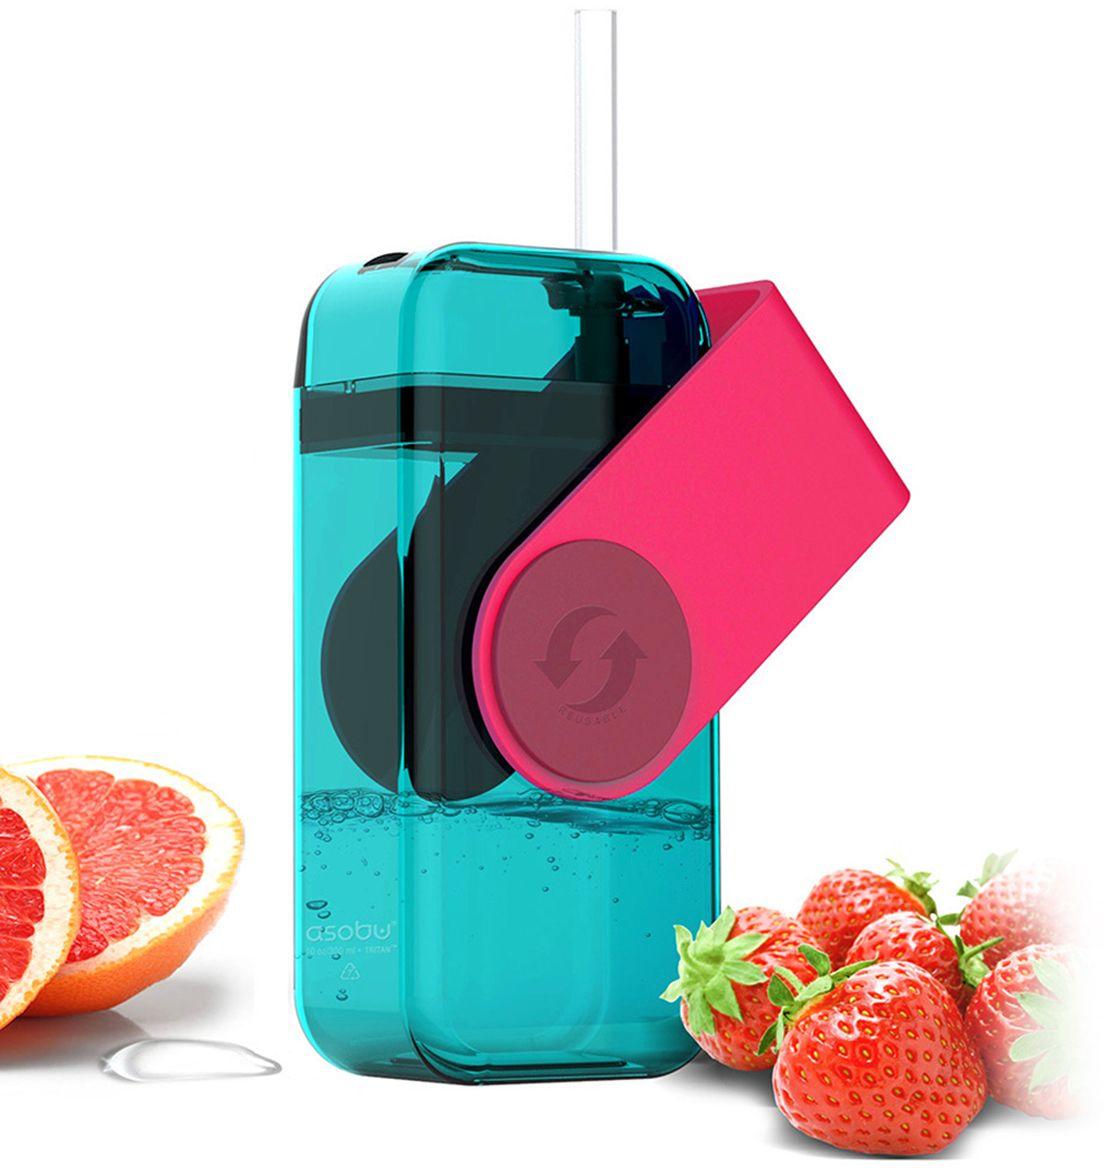 Бутылка Asobu Juicy drink box, цвет: красный, 290 млJB300 redAsobu – бренд посуды для питья, выделяющийся творческим, оригинальным дизайном и инновационными решениями.Asobu разработан Ad-N-Art в Канаде и в переводе с японского означает «весело и с удовольствием». И действительно, только взгляните на каталог представленных коллекций и вы поймете, что Asobu - посуда, которая вдохновляет!Кроме яркого и позитивного дизайна, Asobu отличается и качеством материалов из которых изготовлена продукция – это всегда чрезвычайно ударопрочный пластик и 100% BPA Free.За последние 5 лет, благодаря своему дизайну и функциональности, Asobu завоевали популярность не только в Канаде и США, но и во всем мире!Пора мыслить нестандартно!Juicy drink box вышел за пределы стандартных бутылок для напитков! Многоразовый бокс для напитков эргономичной формы, изготовленный из экологически чистого и полностью перерабатываемого материала. Идеально подходит для сока или воды. Эта серия боксов особенно придется по вкусу детям.Рекомендация по использованию: перед тем, как закрывать наполненный бокс, наклоните и прижмите силиконовою трубочку к крышке, тем самым вы заблокируете отверстие в трубочке и при закрывании крышки напиток не прольется.Перед использованием рекомендуем посмотреть видео и ознакомиться с инструкцией по применению.